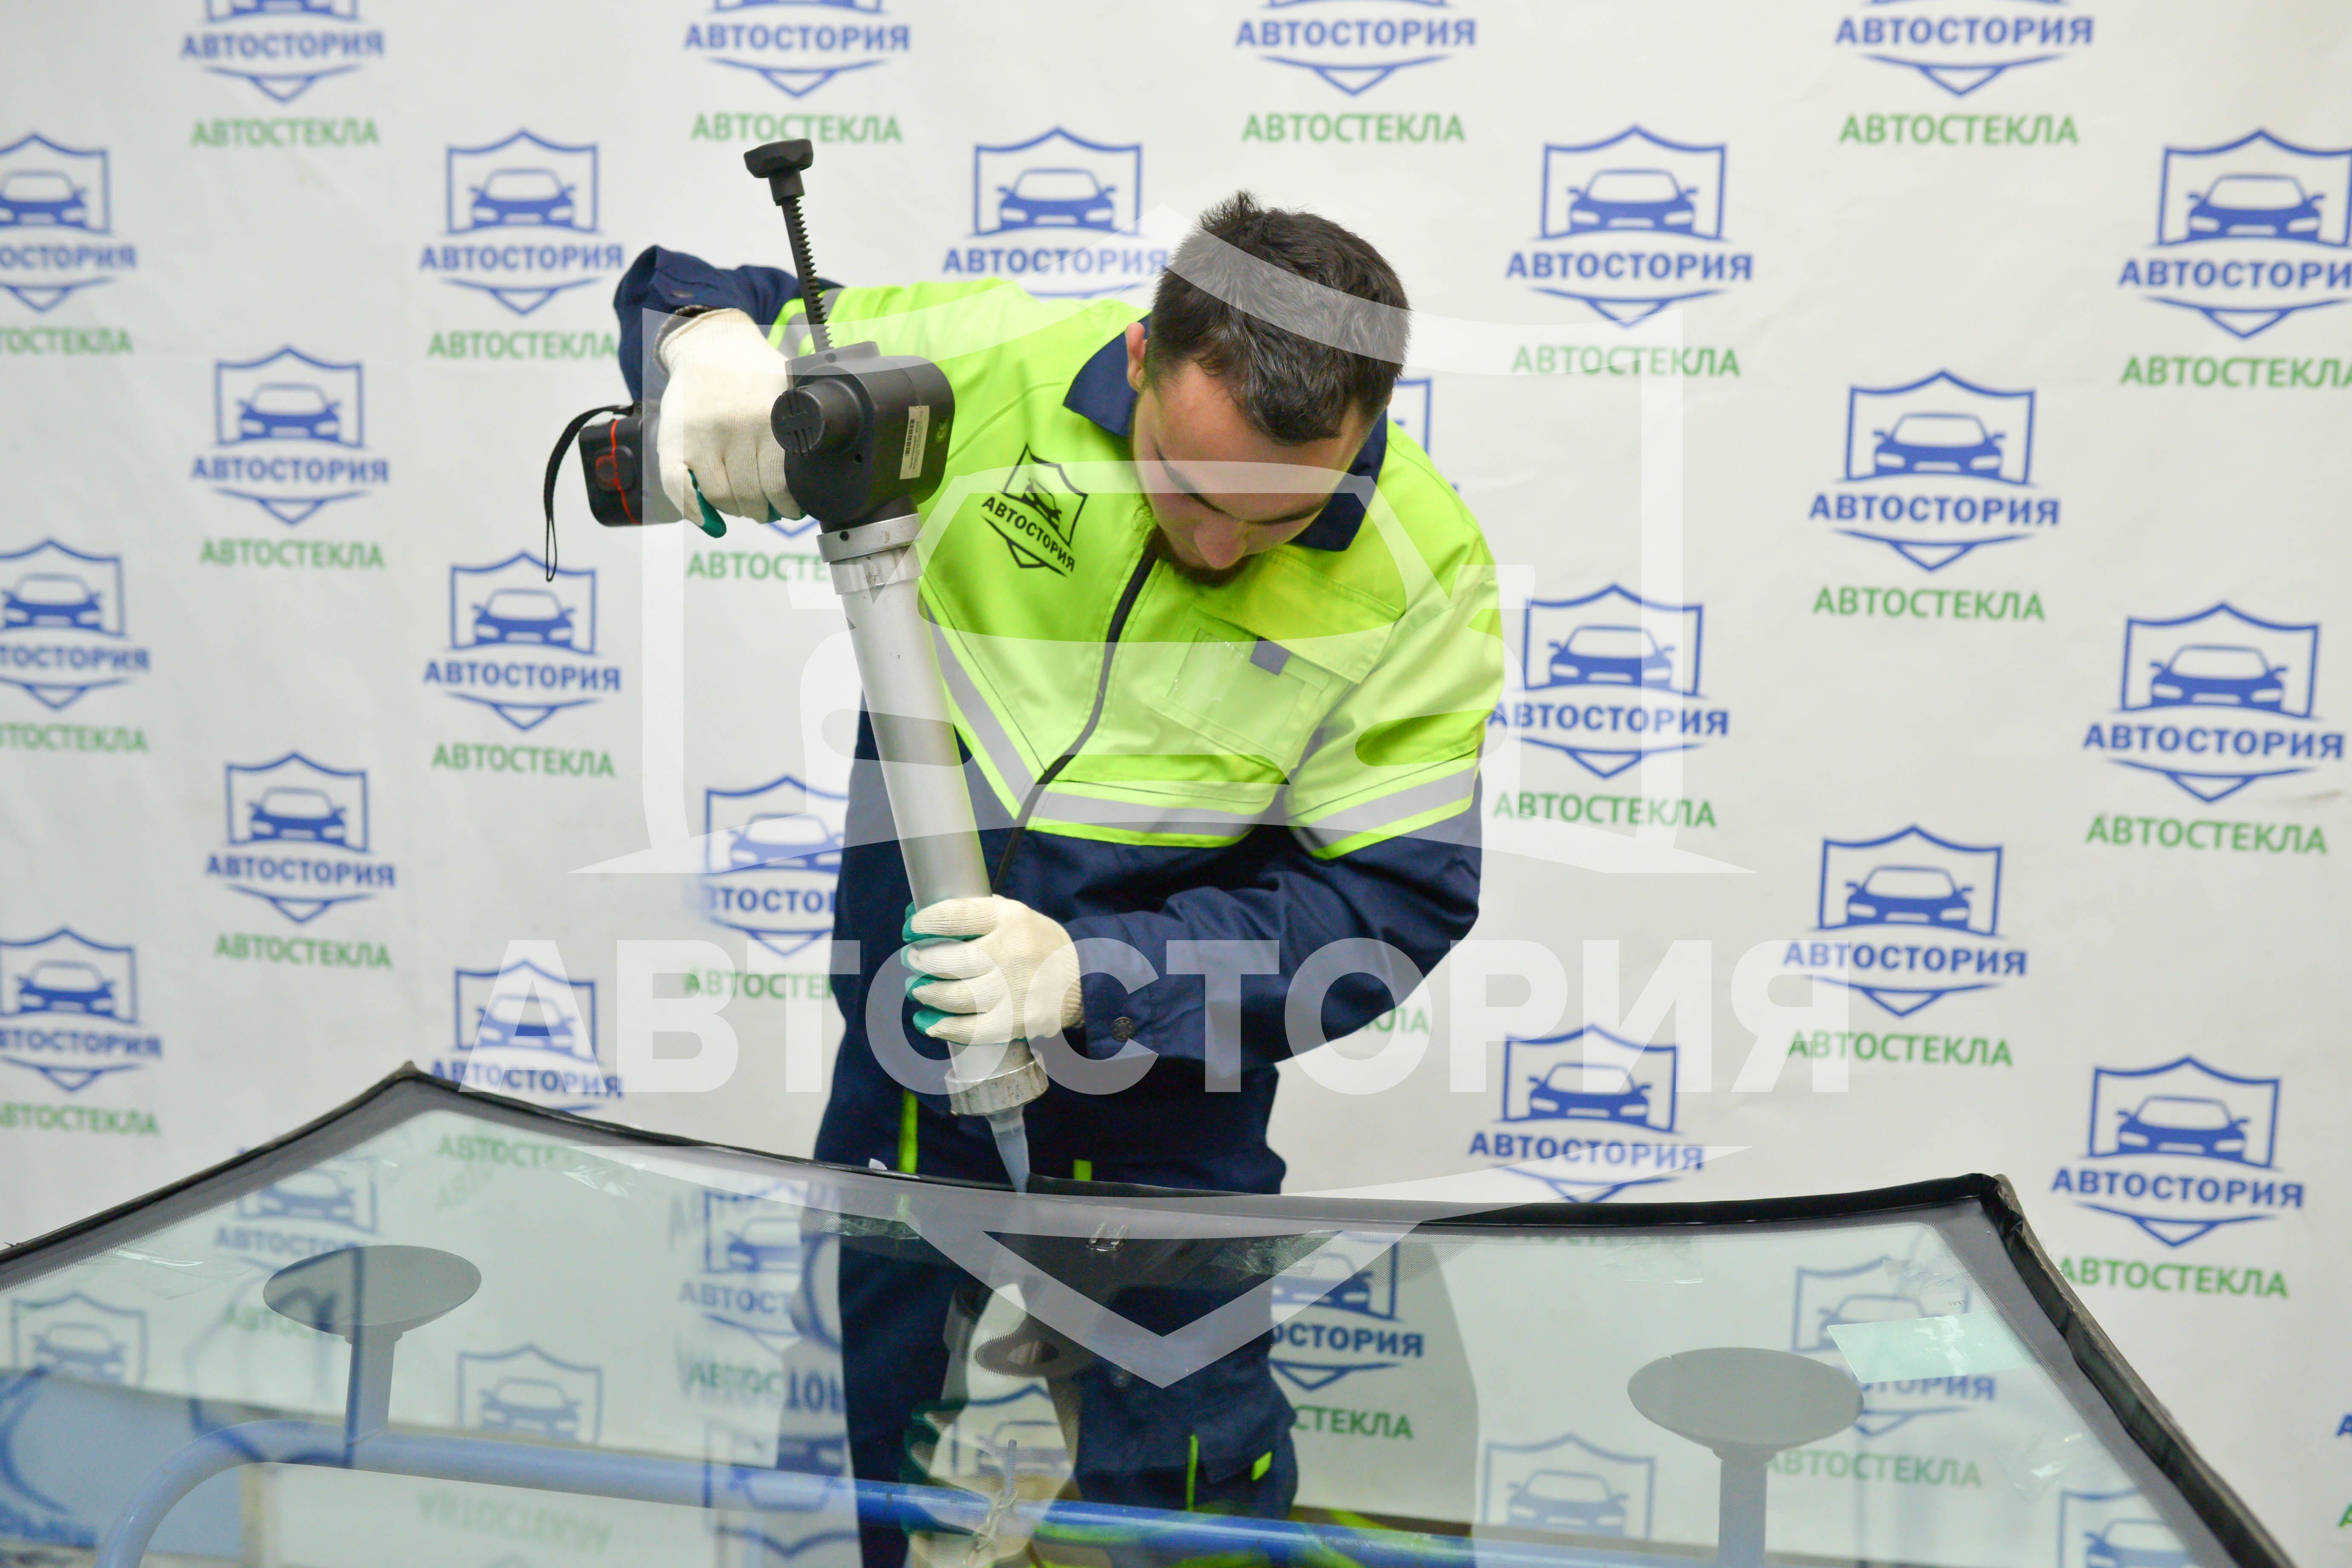 Ремонт трещин и сколов лобового стекла всего от 0,60 руб! Только в Автостории!